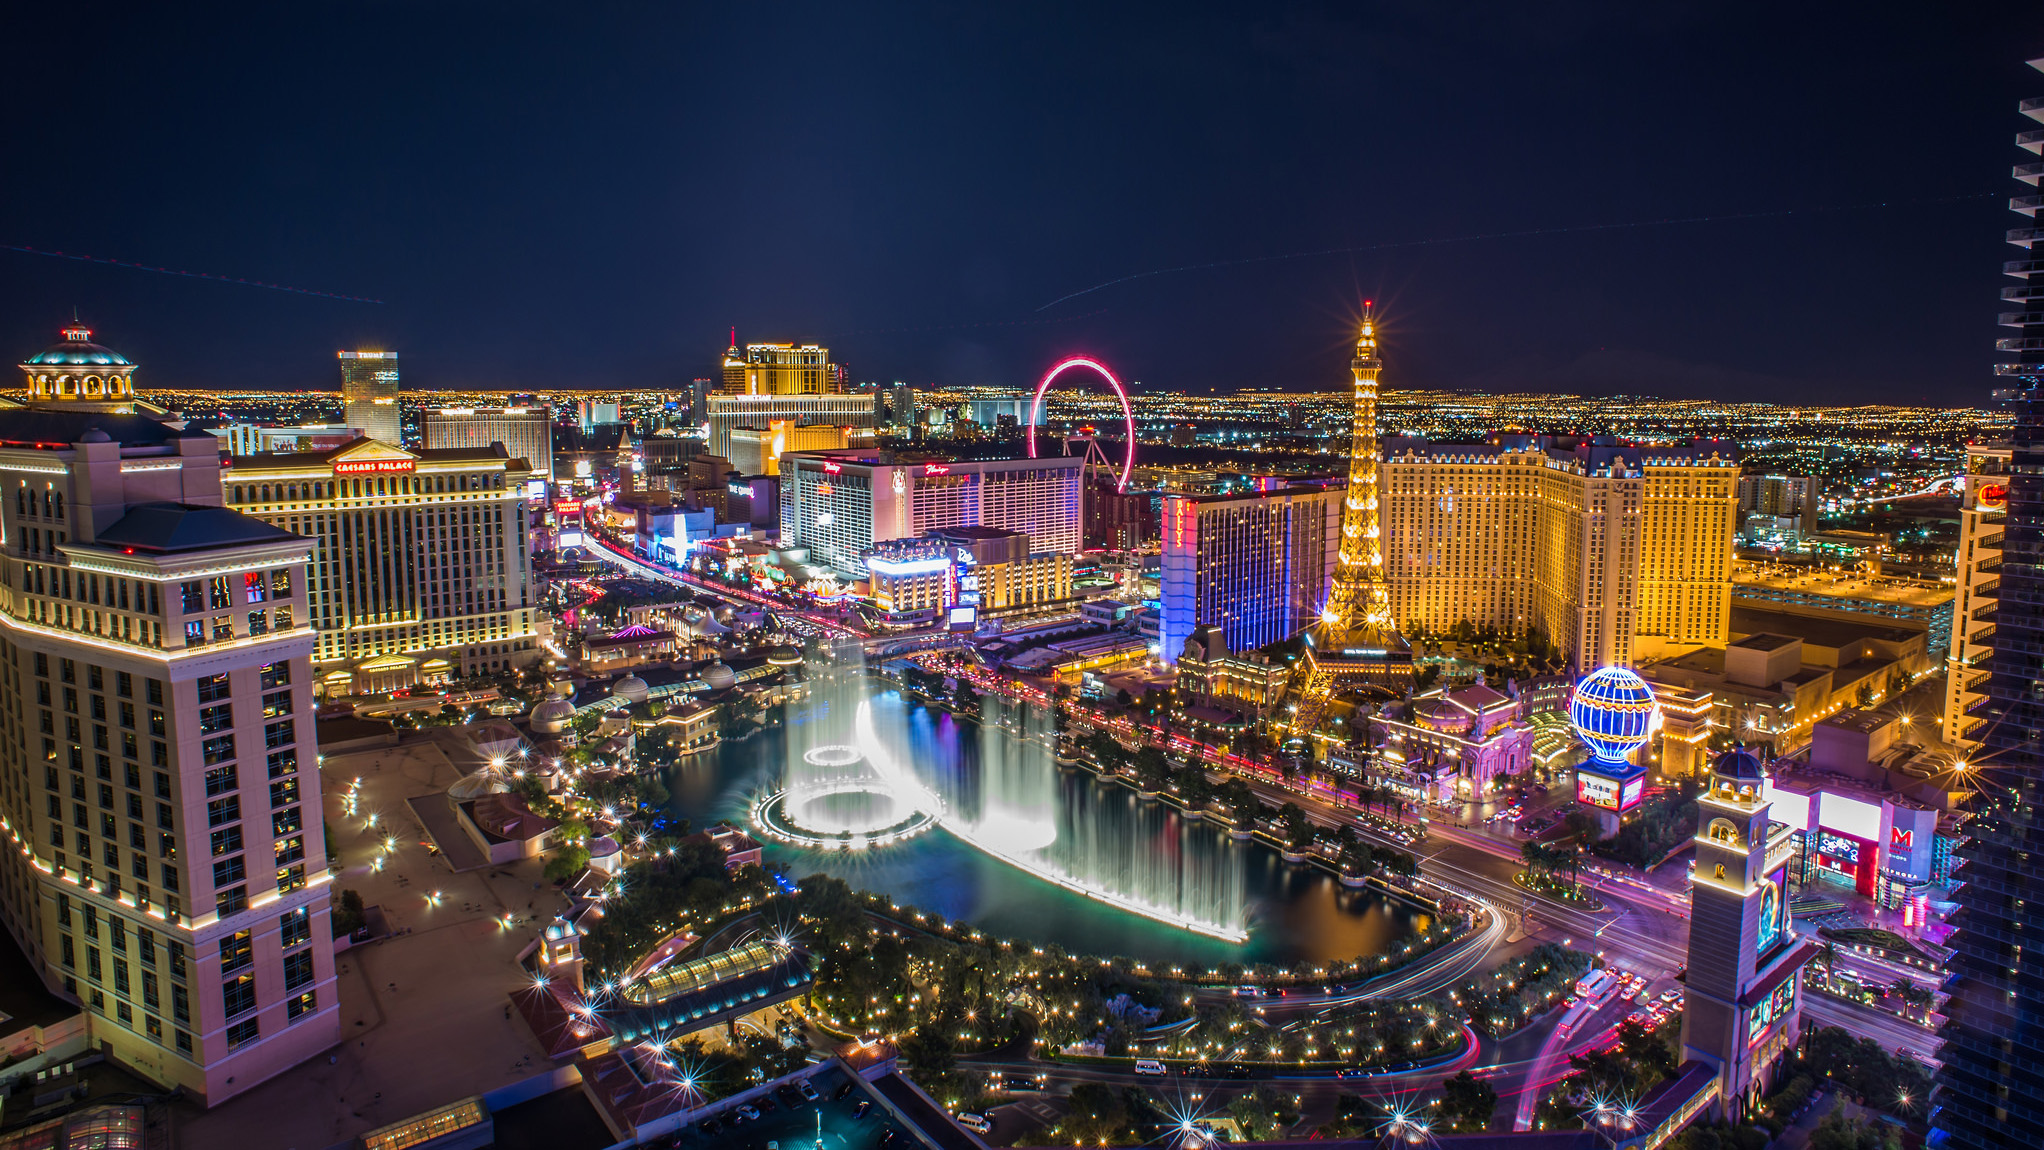 The World Famous Las Vegas Strip